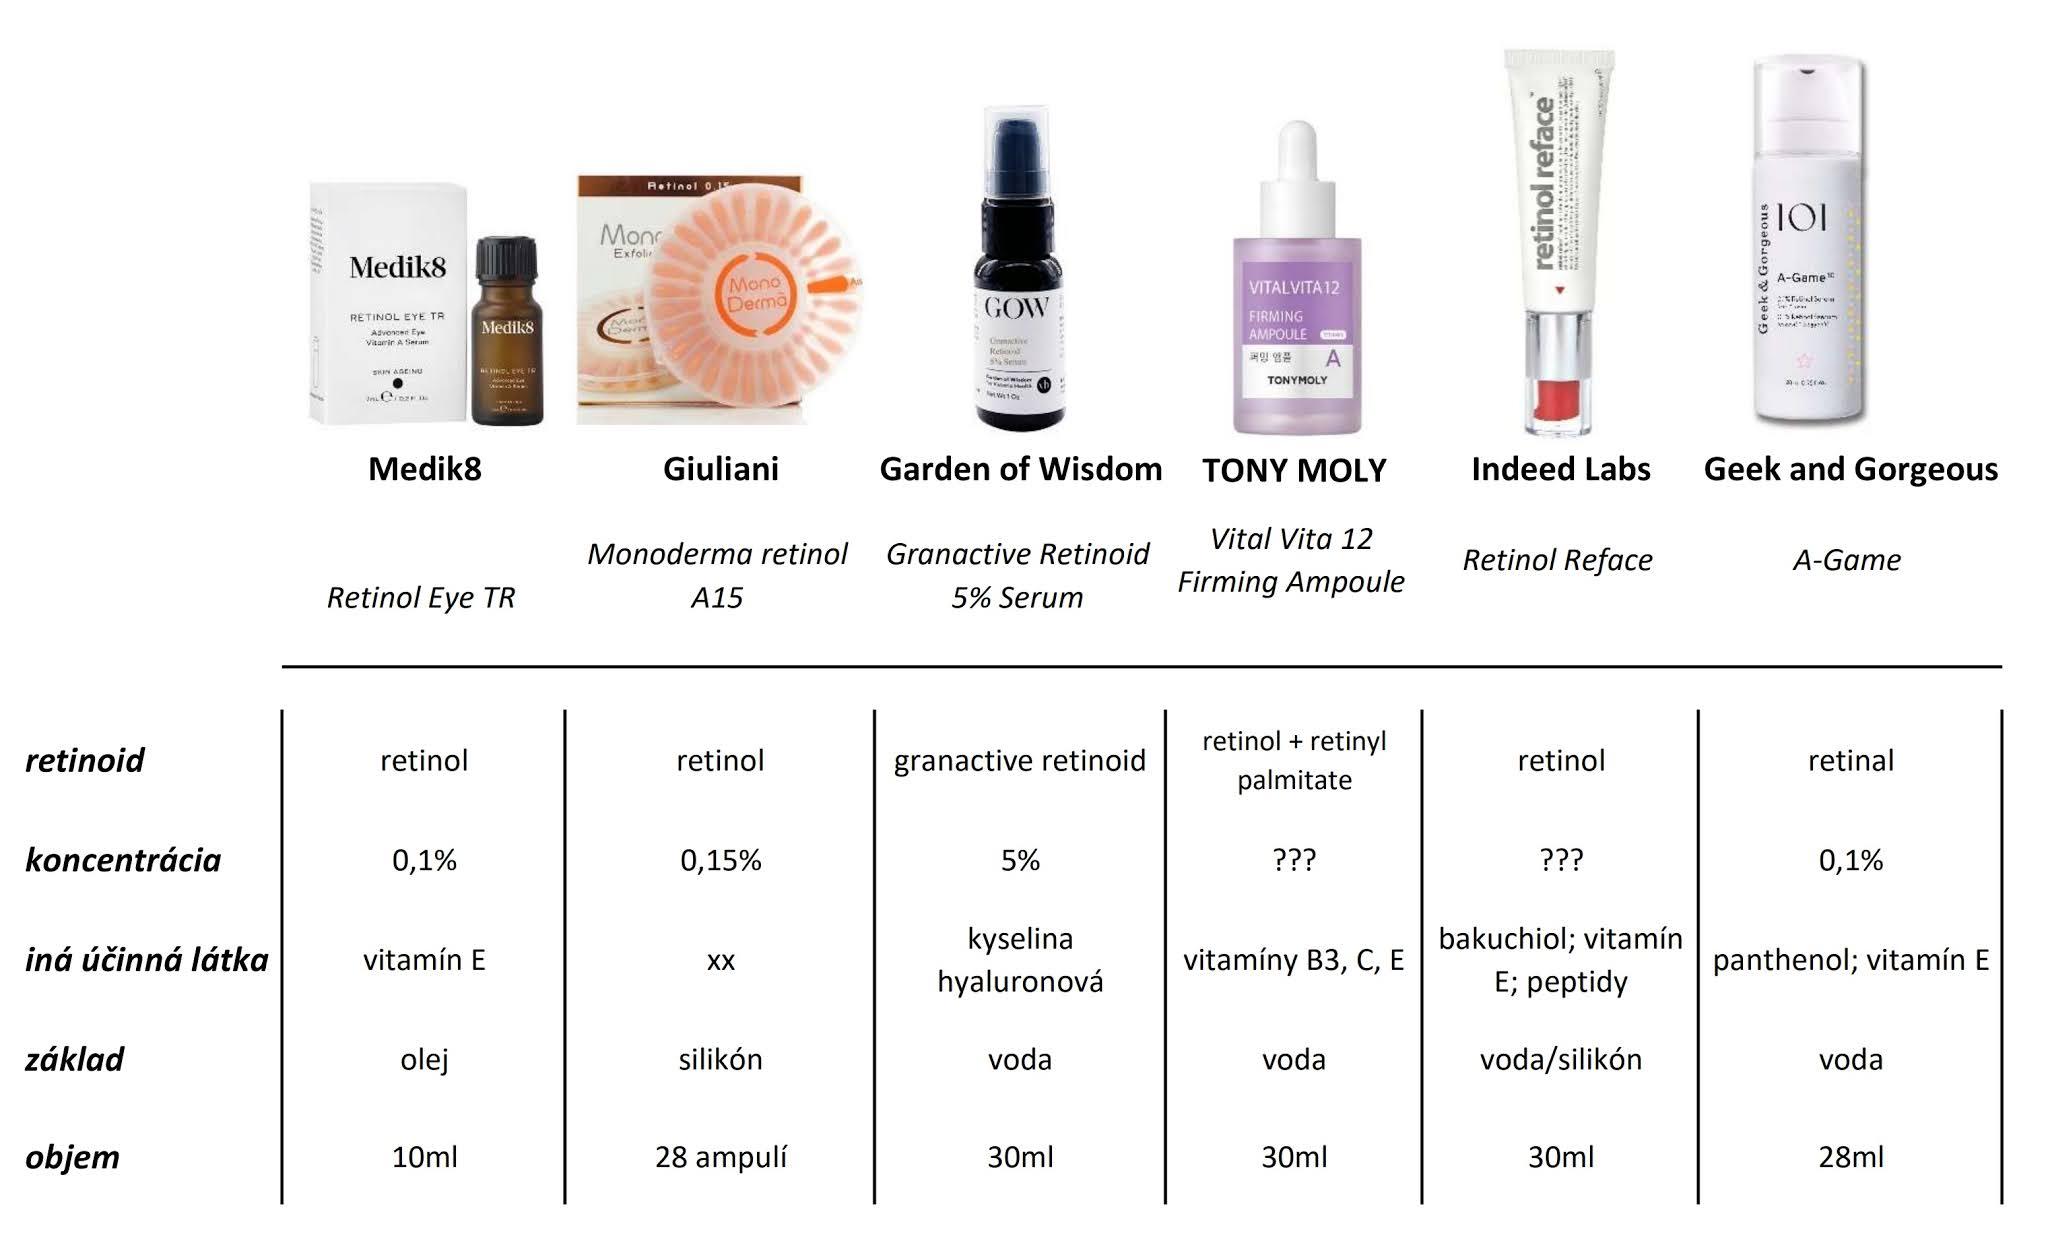 retinoidy do 30 eur